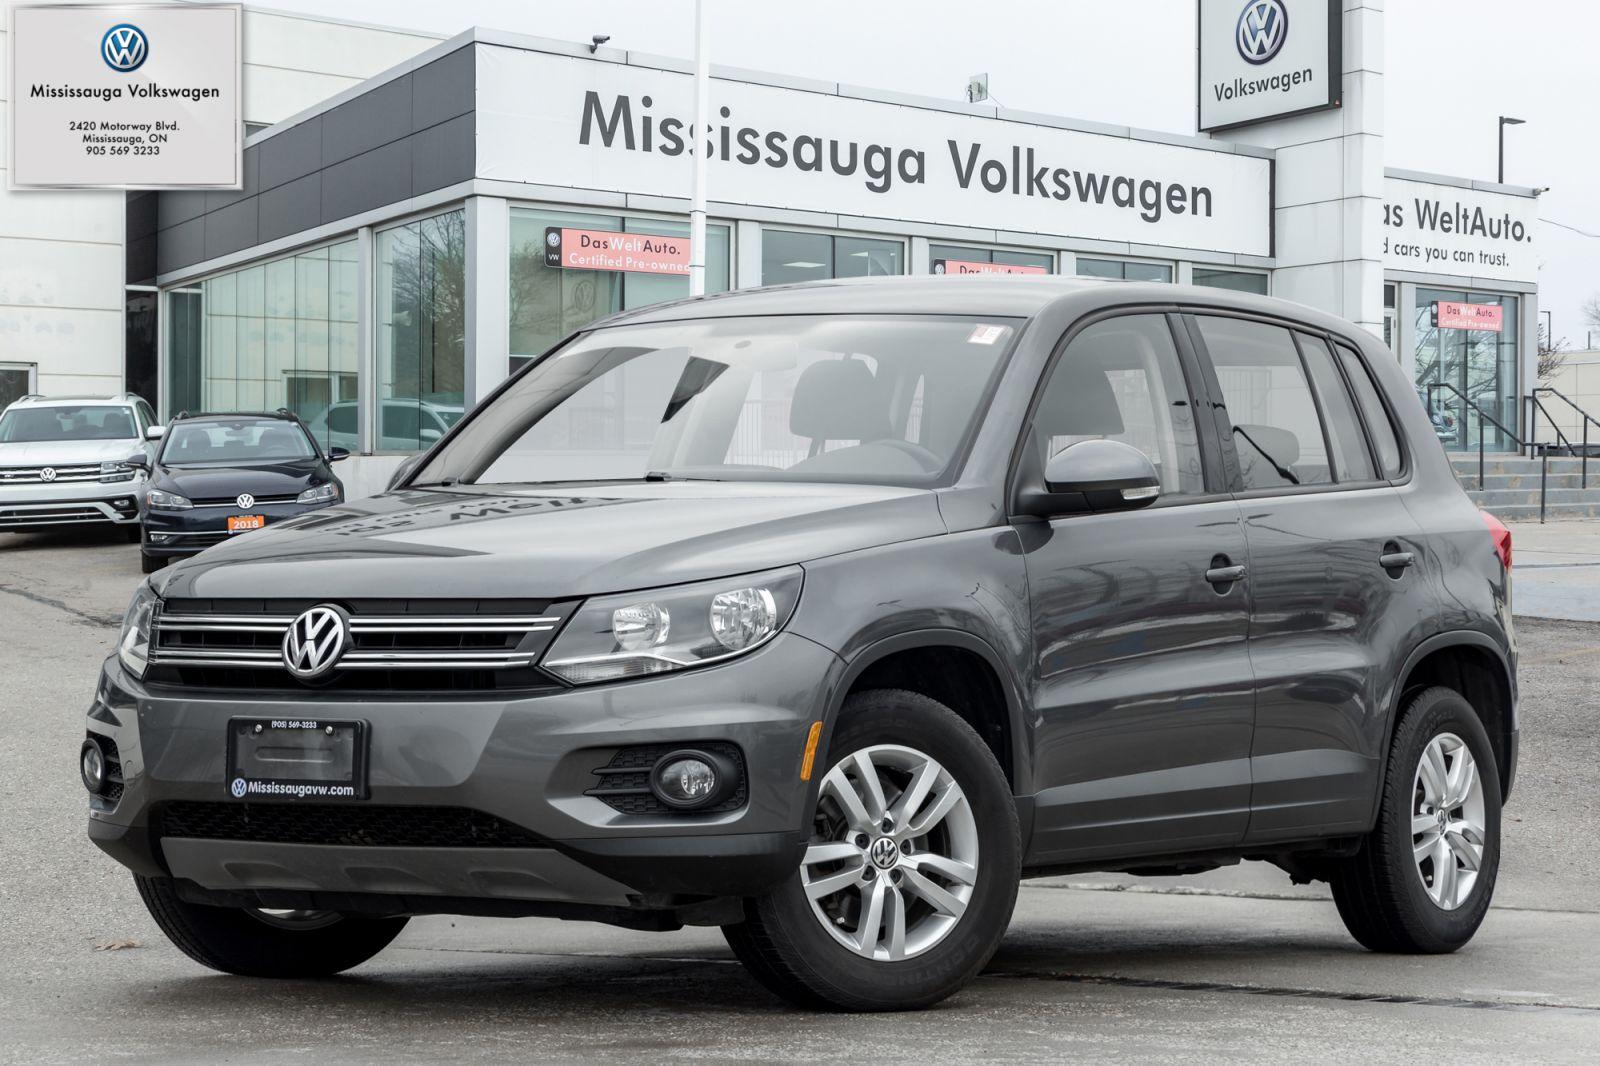 2013 Volkswagen Tiguan Image